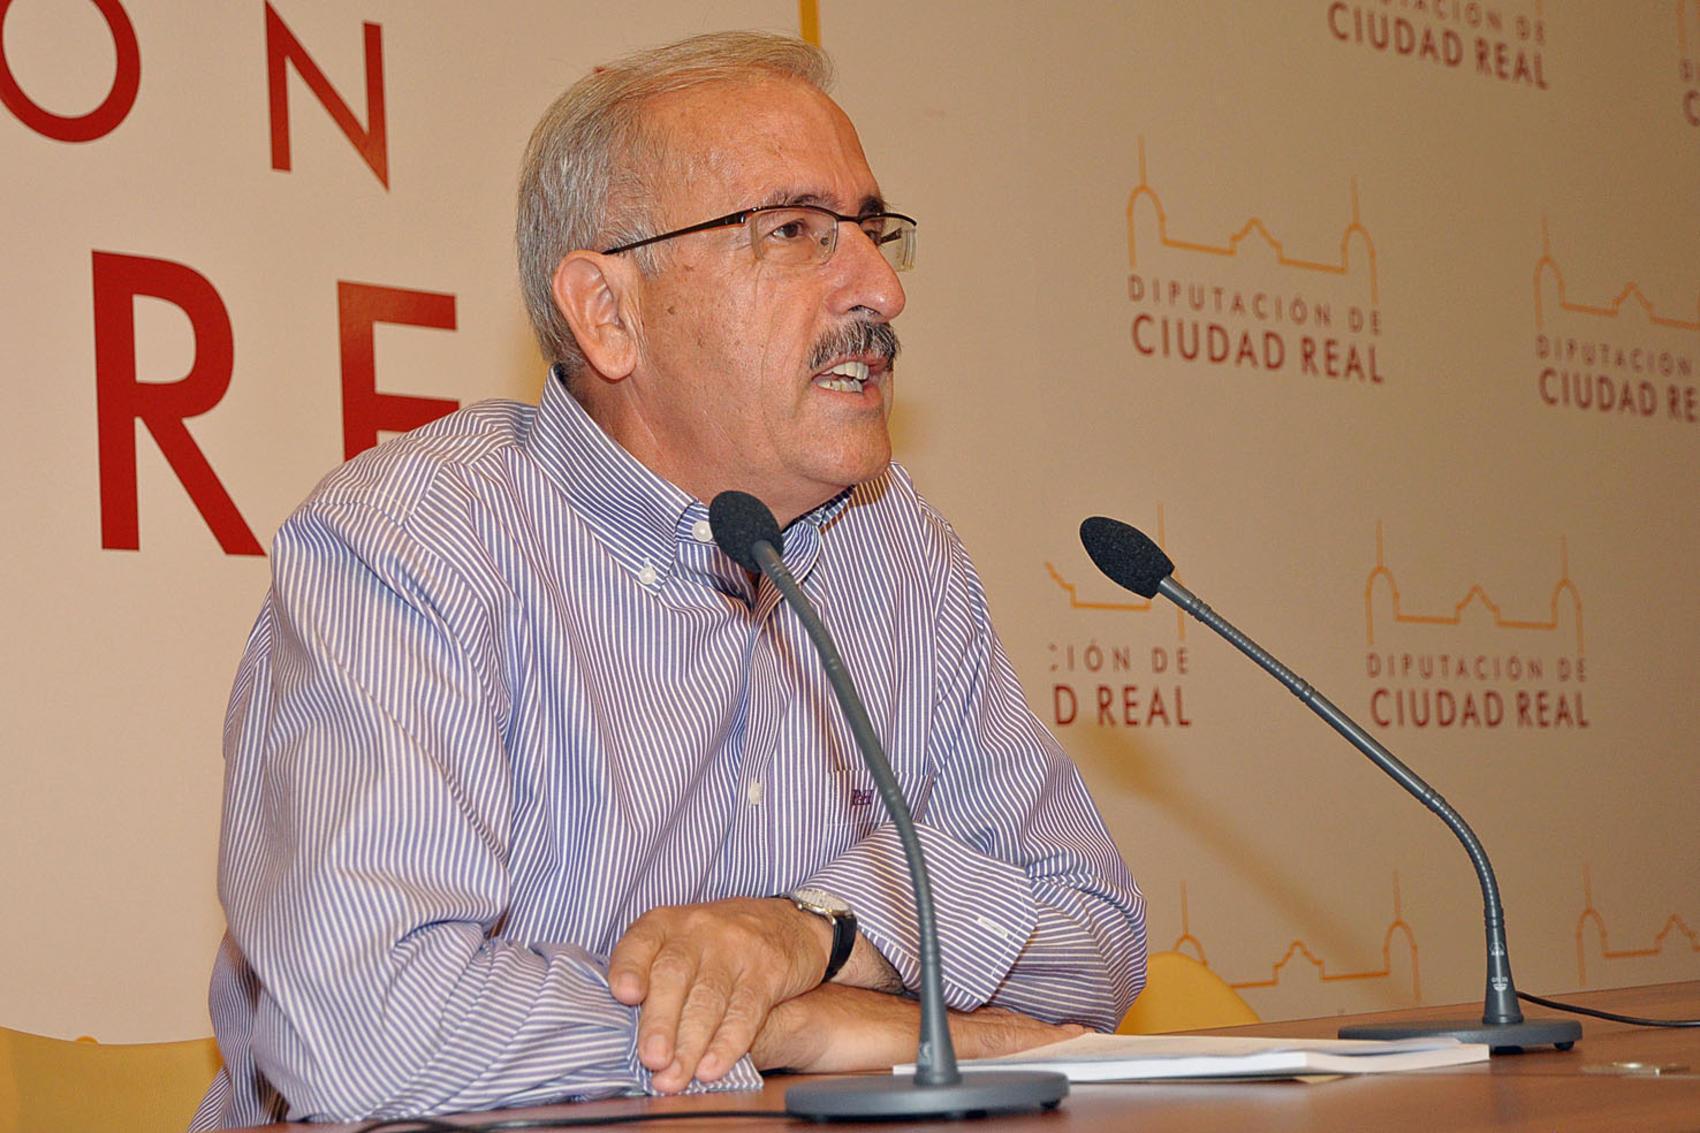 La Diputación potencia las actividades culturales de asociaciones de amas de casa, jubilados, mujeres y vecinos